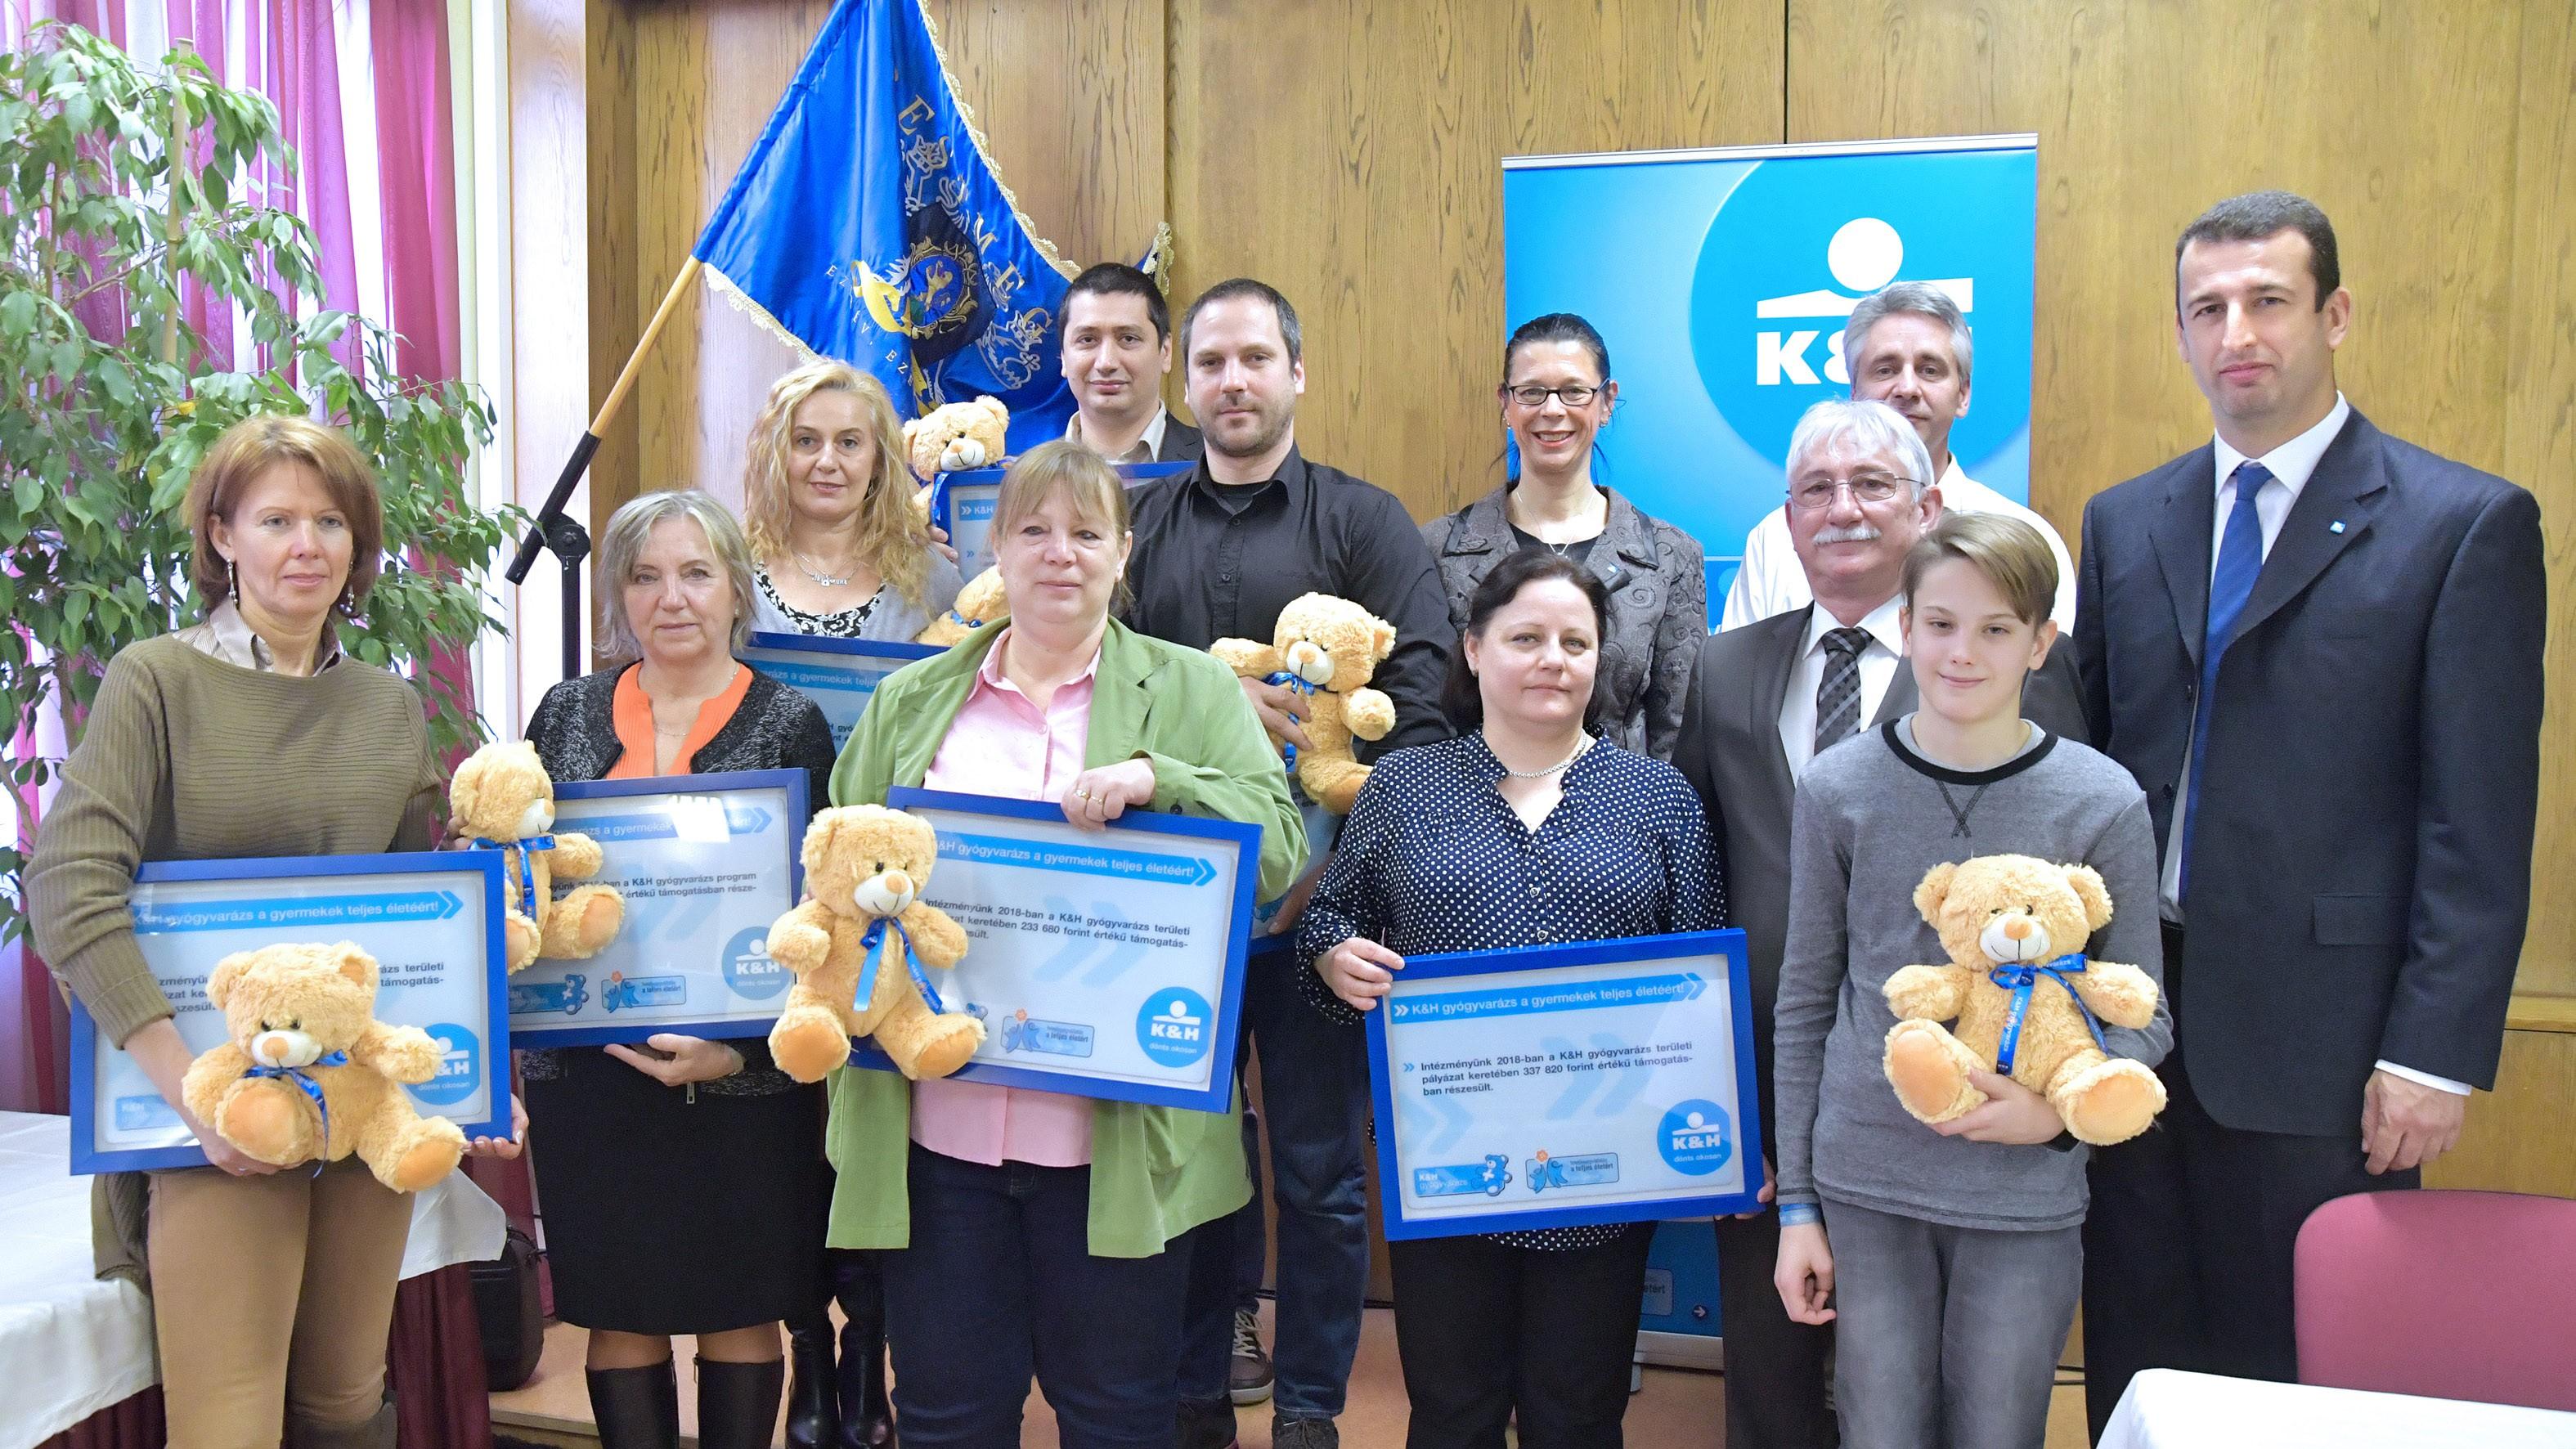 Bács megye gyermekgyógyító intézményei is  a K&H támogatásával kezdik az évet